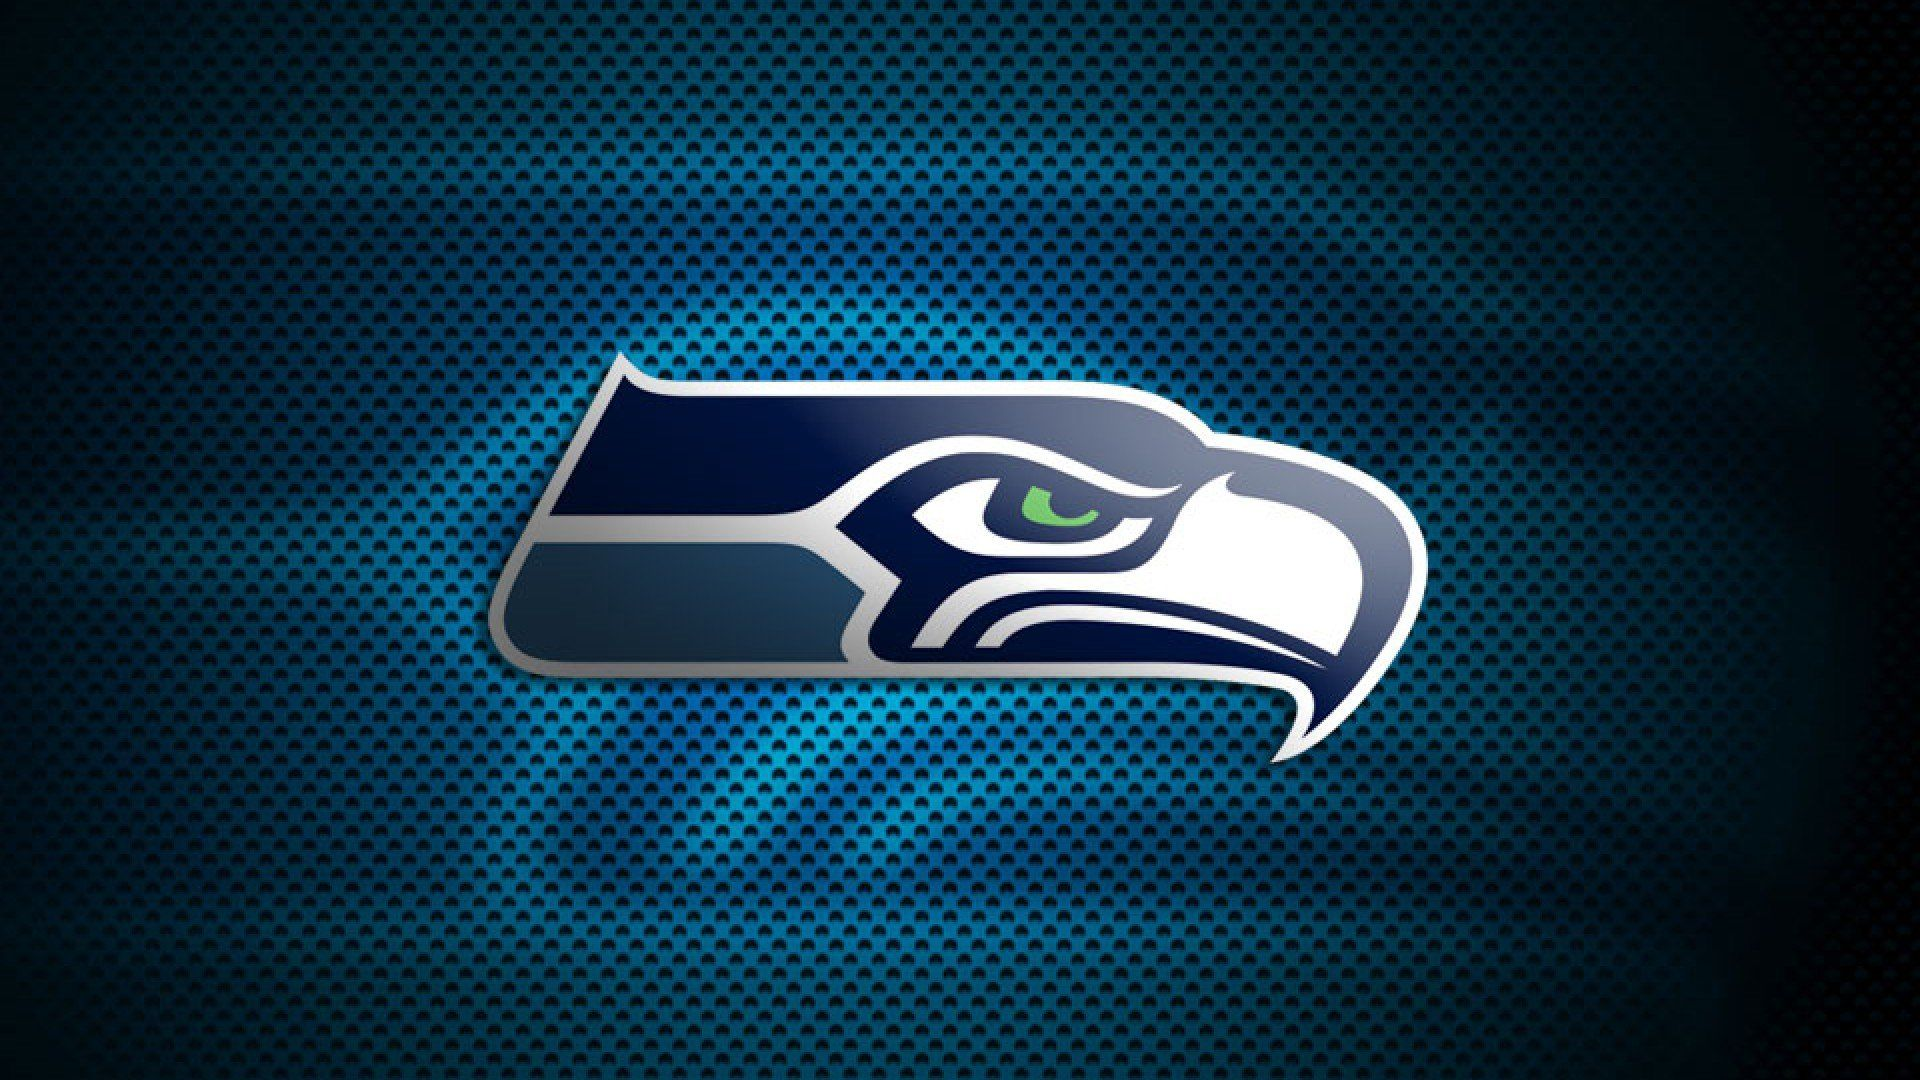 Seattle Seahawks laptop wallpaper